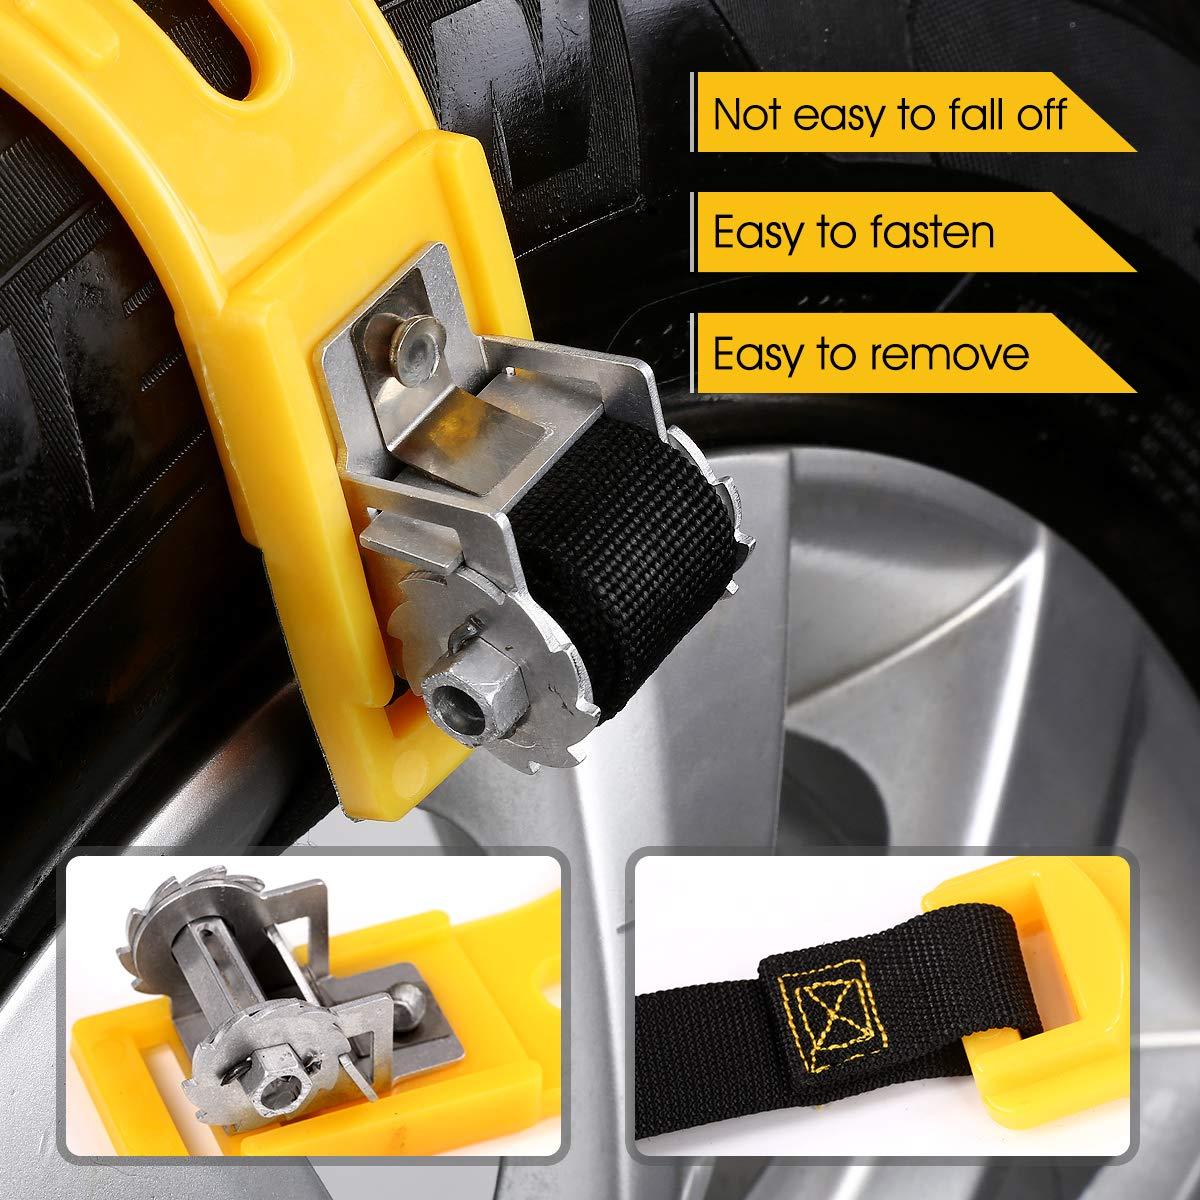 Kit di 6 Catene Anti-Slittamento per Automobile SUV Pick-up Universale Trazione per Qualsiasi Pneumatico con Grandezza Compresa fra 165mm-275mm IREGRO Catena da Neve M1